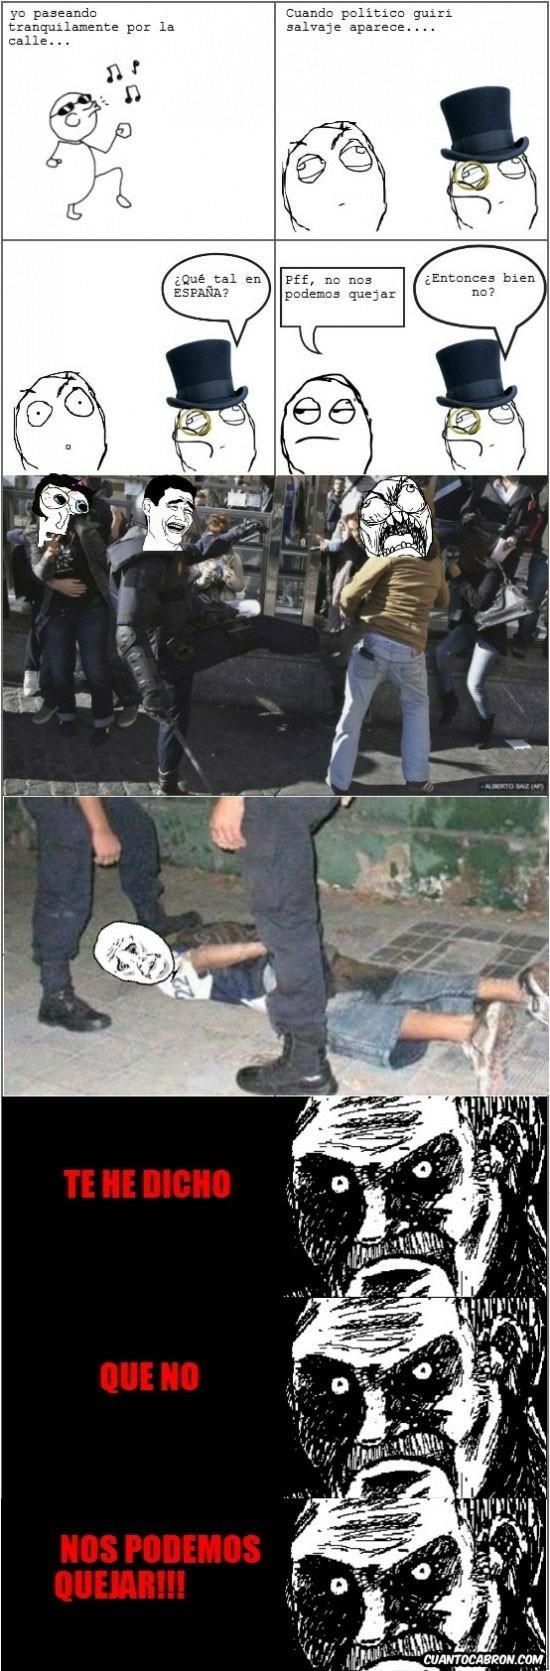 crisis,democracia,españa,policía,quejarse